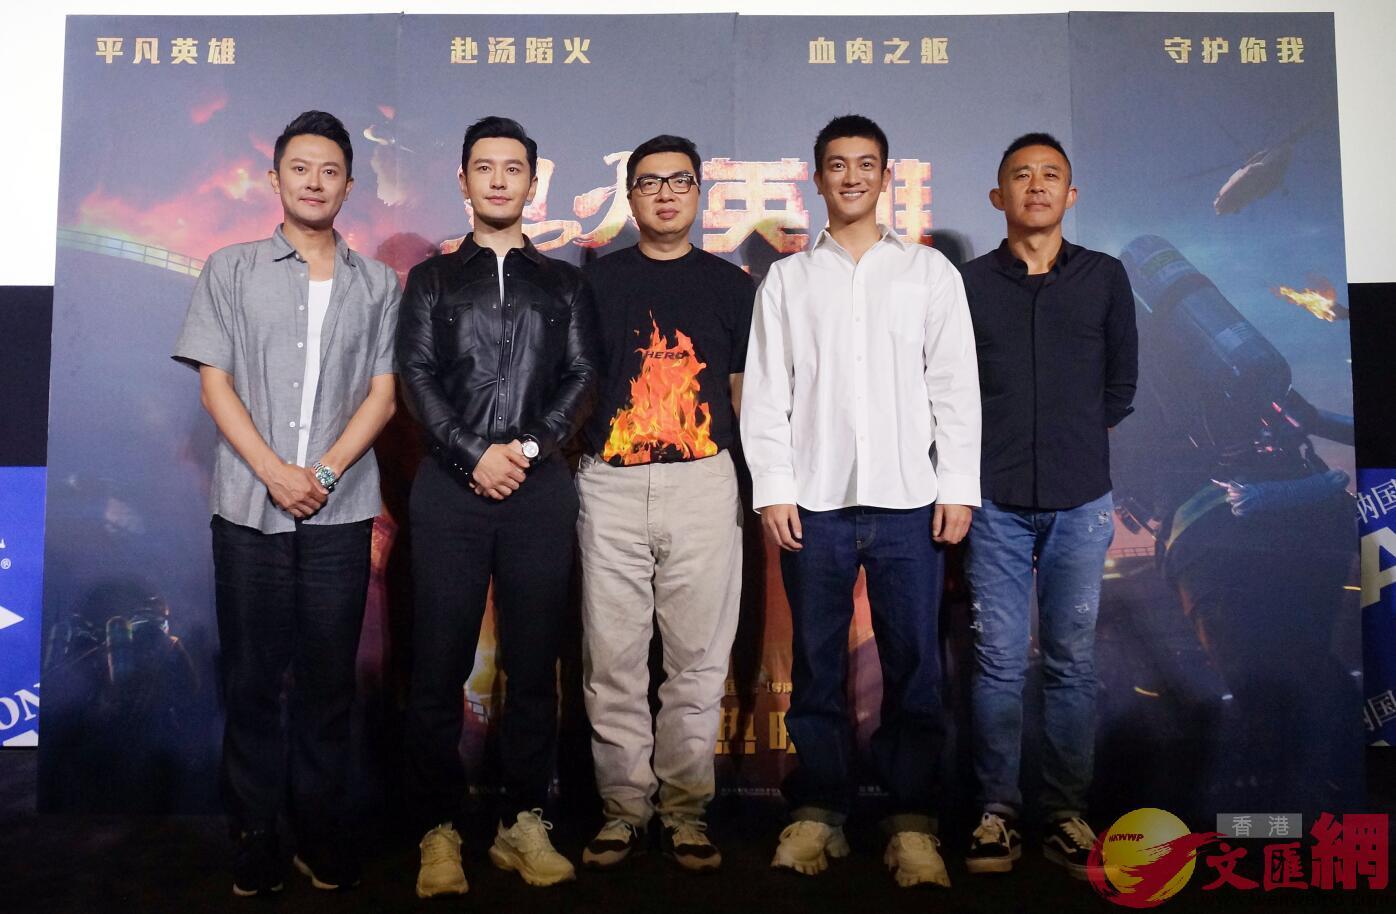 《烈火英雄》主創人員左起:印小天、黃曉明、陳國輝、杜江、侯勇 (記者宋偉攝)